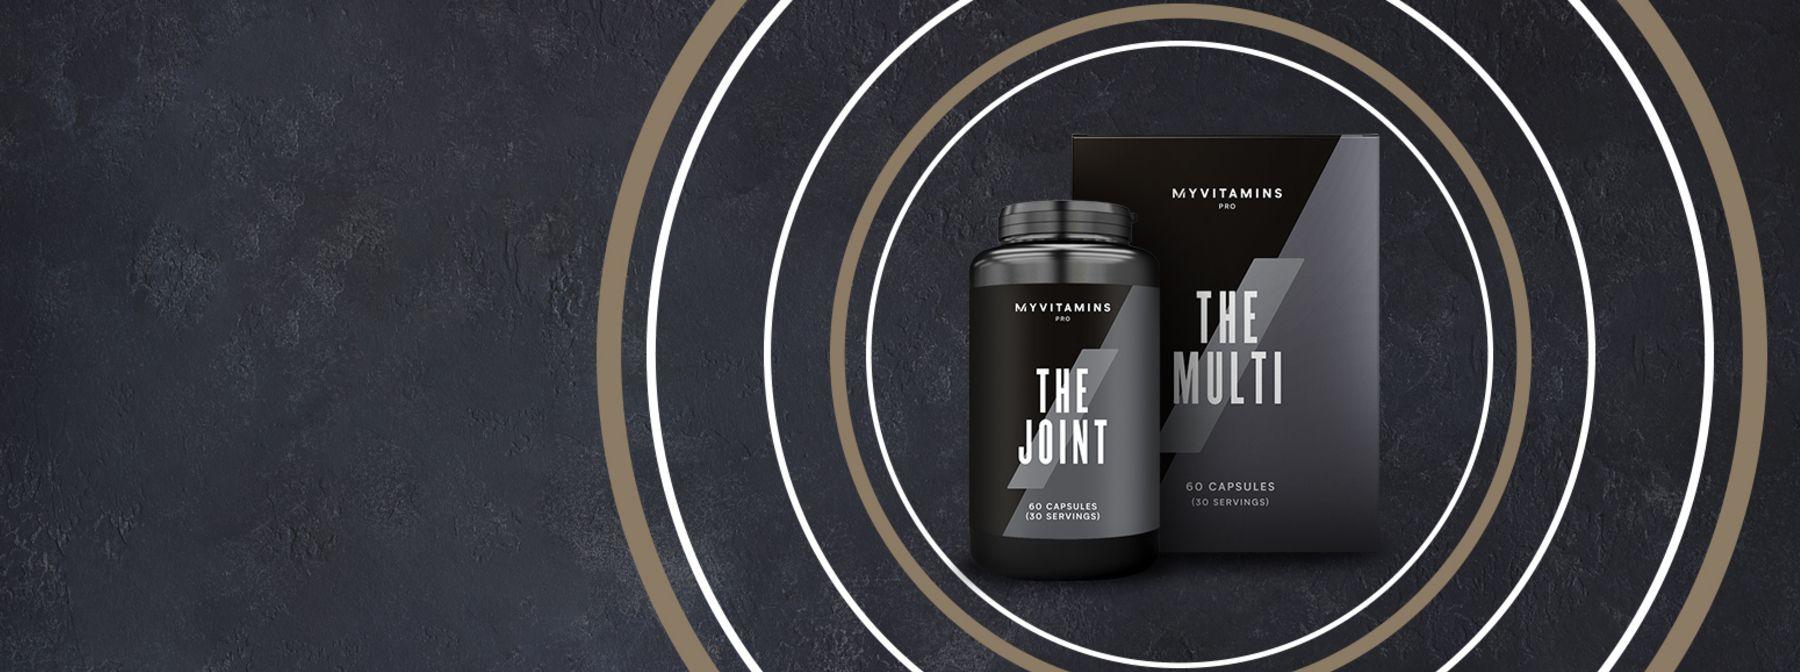 THE Multi a THE Joint | Objevte své vnitřní brnění